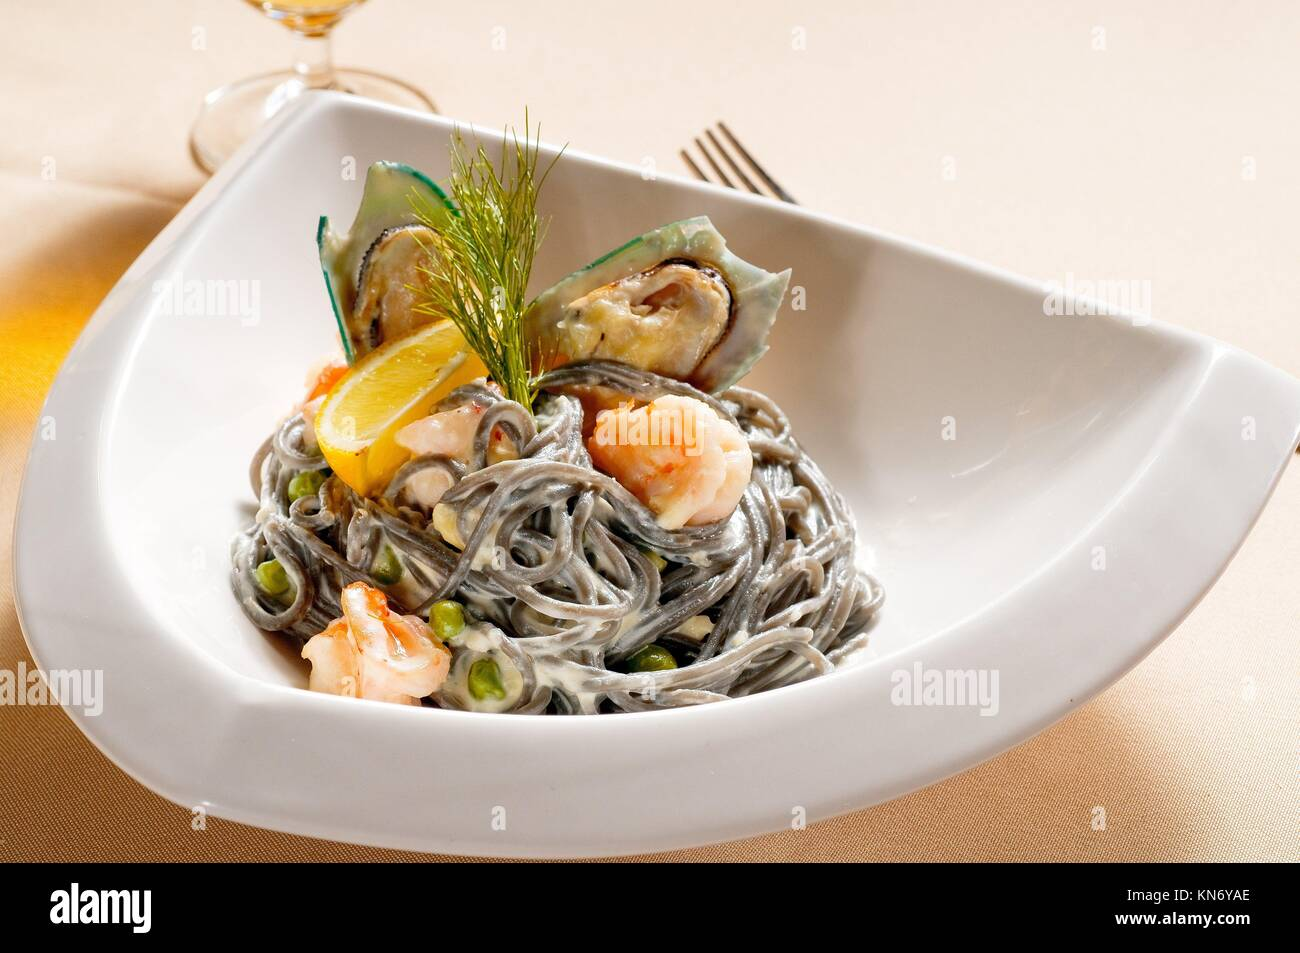 Des fruits de mer l'encre de seiche noire coulored pâtes spaghetti cuisine italienne typique. Photo Stock